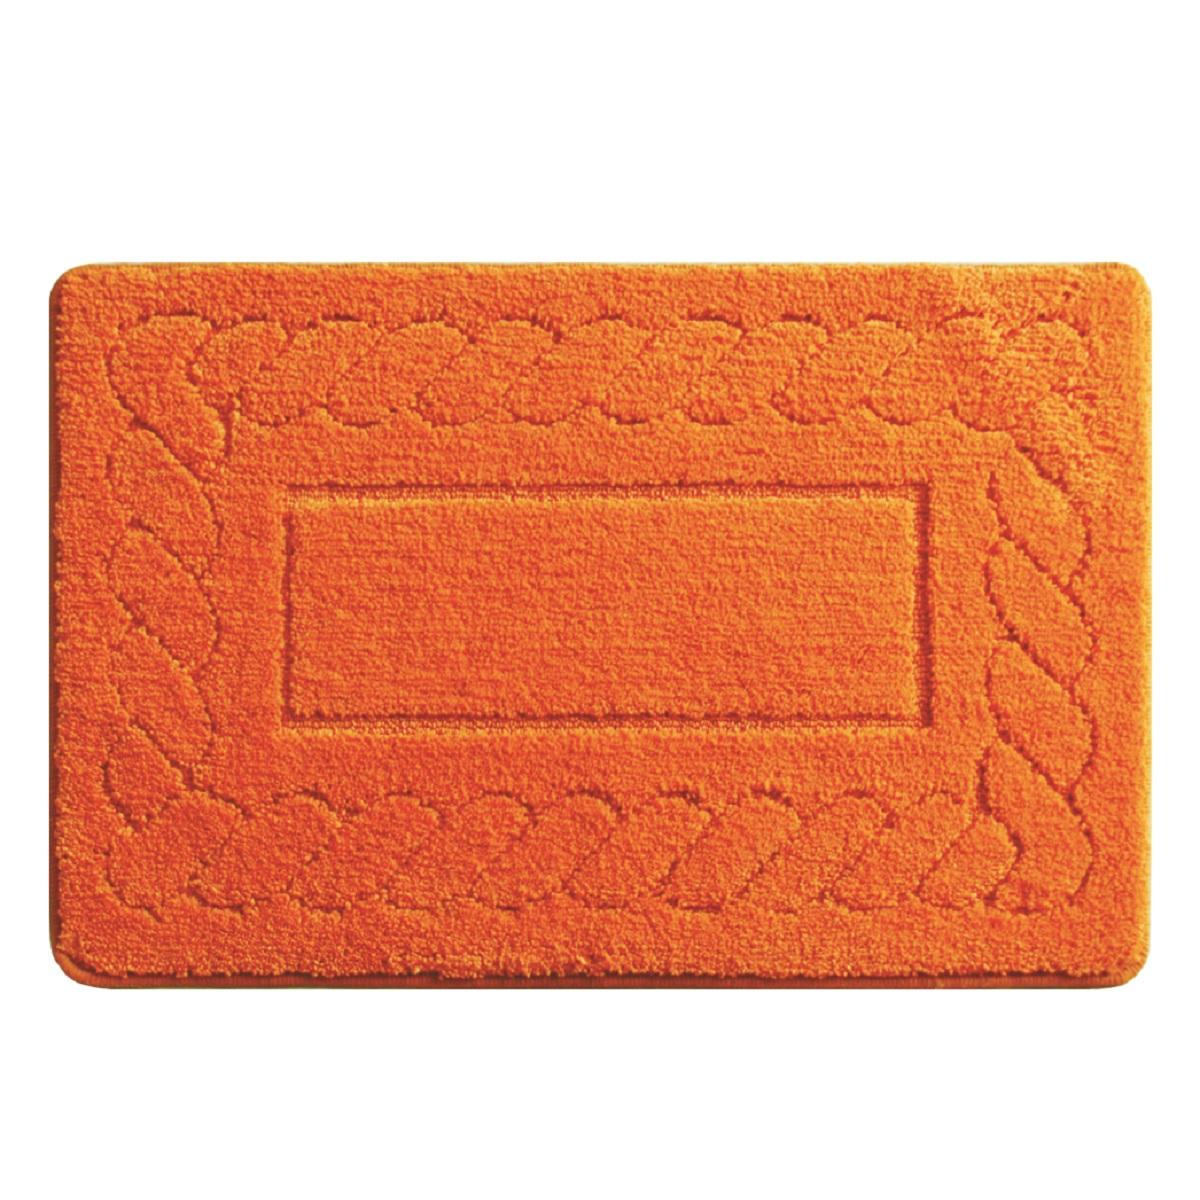 Коврик для ванной Milardo Clever Plait (orange), цвет: оранжевый, 50 х 80 см320M580M12100% Полиэстеровый тканный коврик для ванной комнаты на латексной основе. Высота ворса 1.5см. Упаковка ПП пакет